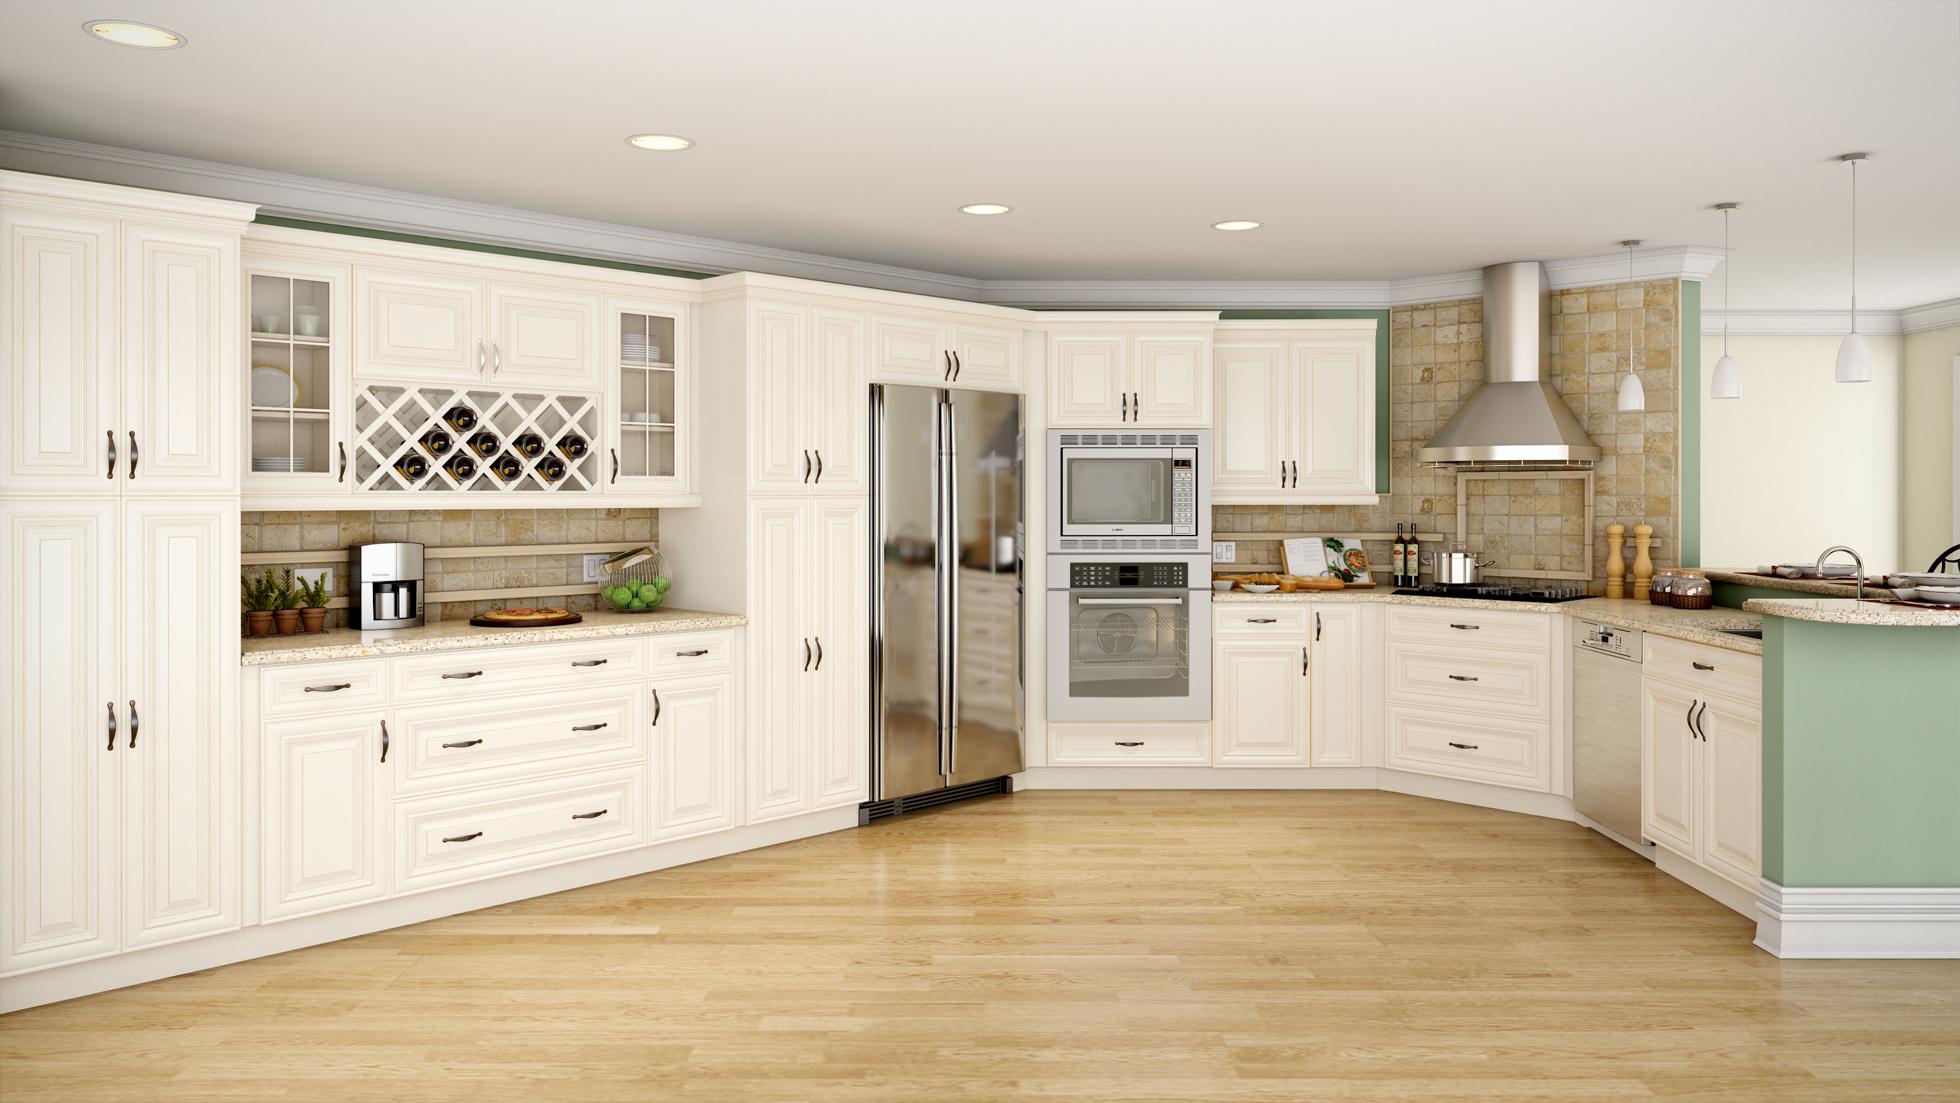 Adornus Rockport Kitchen Cabinets Amp Tiles Nj Art Of